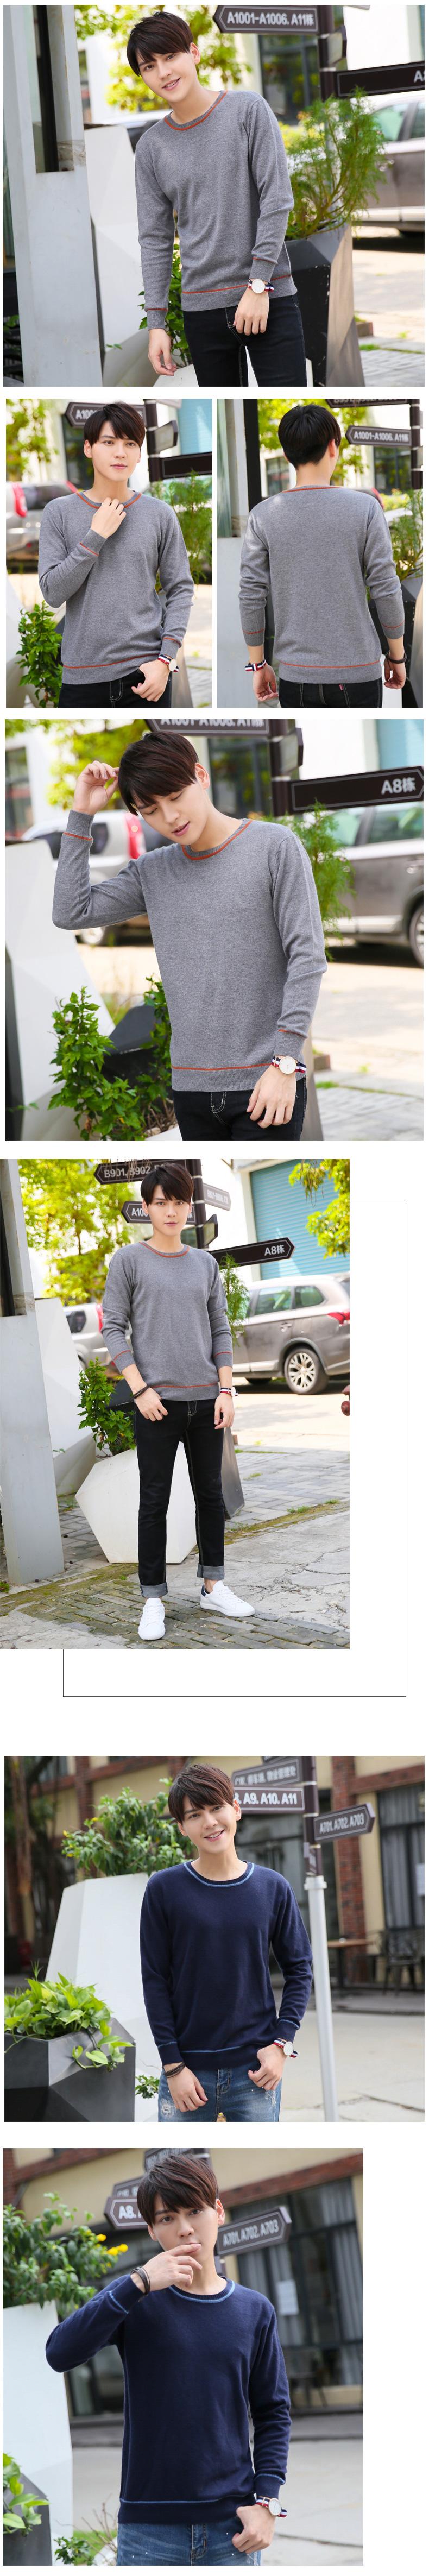 Mùa thu và mùa đông áo len mới nam cổ tròn cơ sở áo len áo thun thanh niên cashmere áo len Hàn Quốc kích thước lớn áo len - Kéo qua